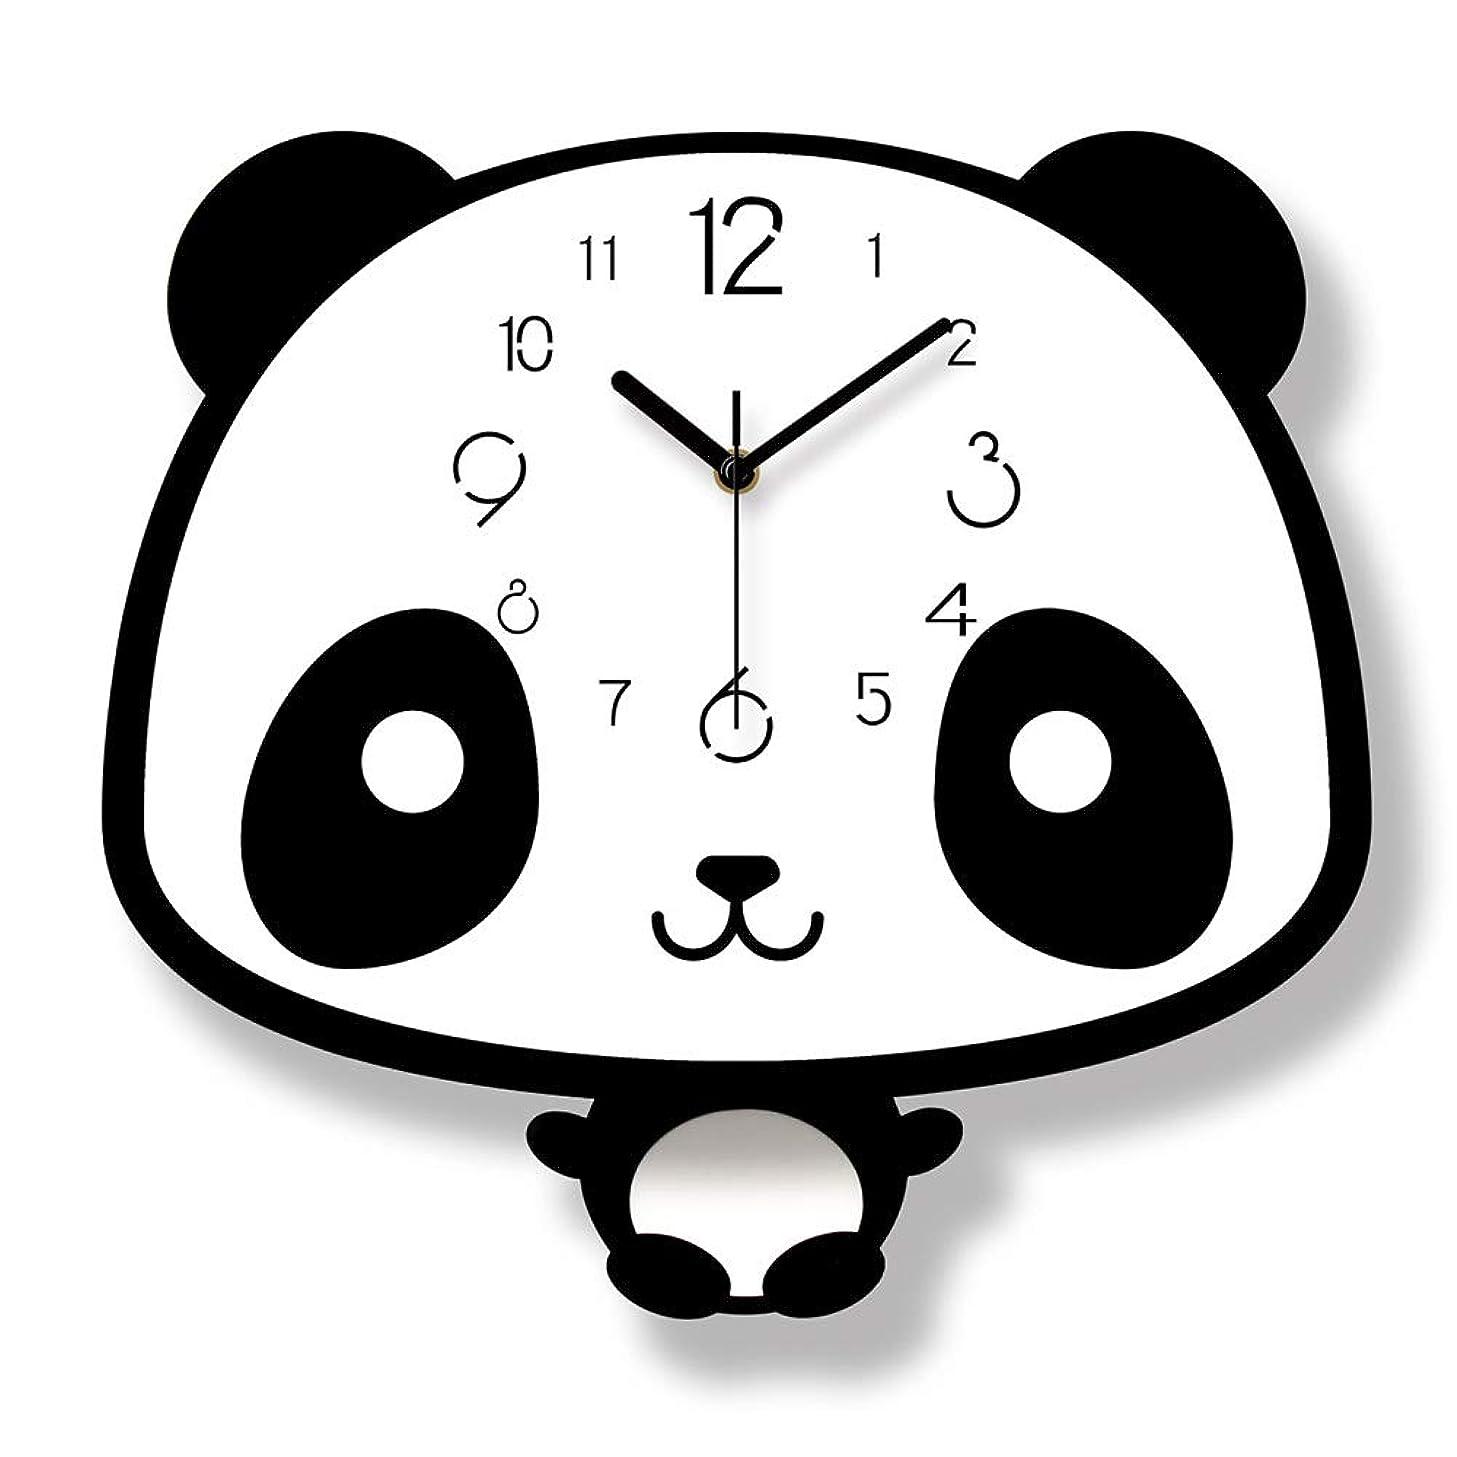 アシュリータファーマン活力年新しい北欧スタイルパンダウォールクロックサイレント木製時計用ホームリビングルーム高品質